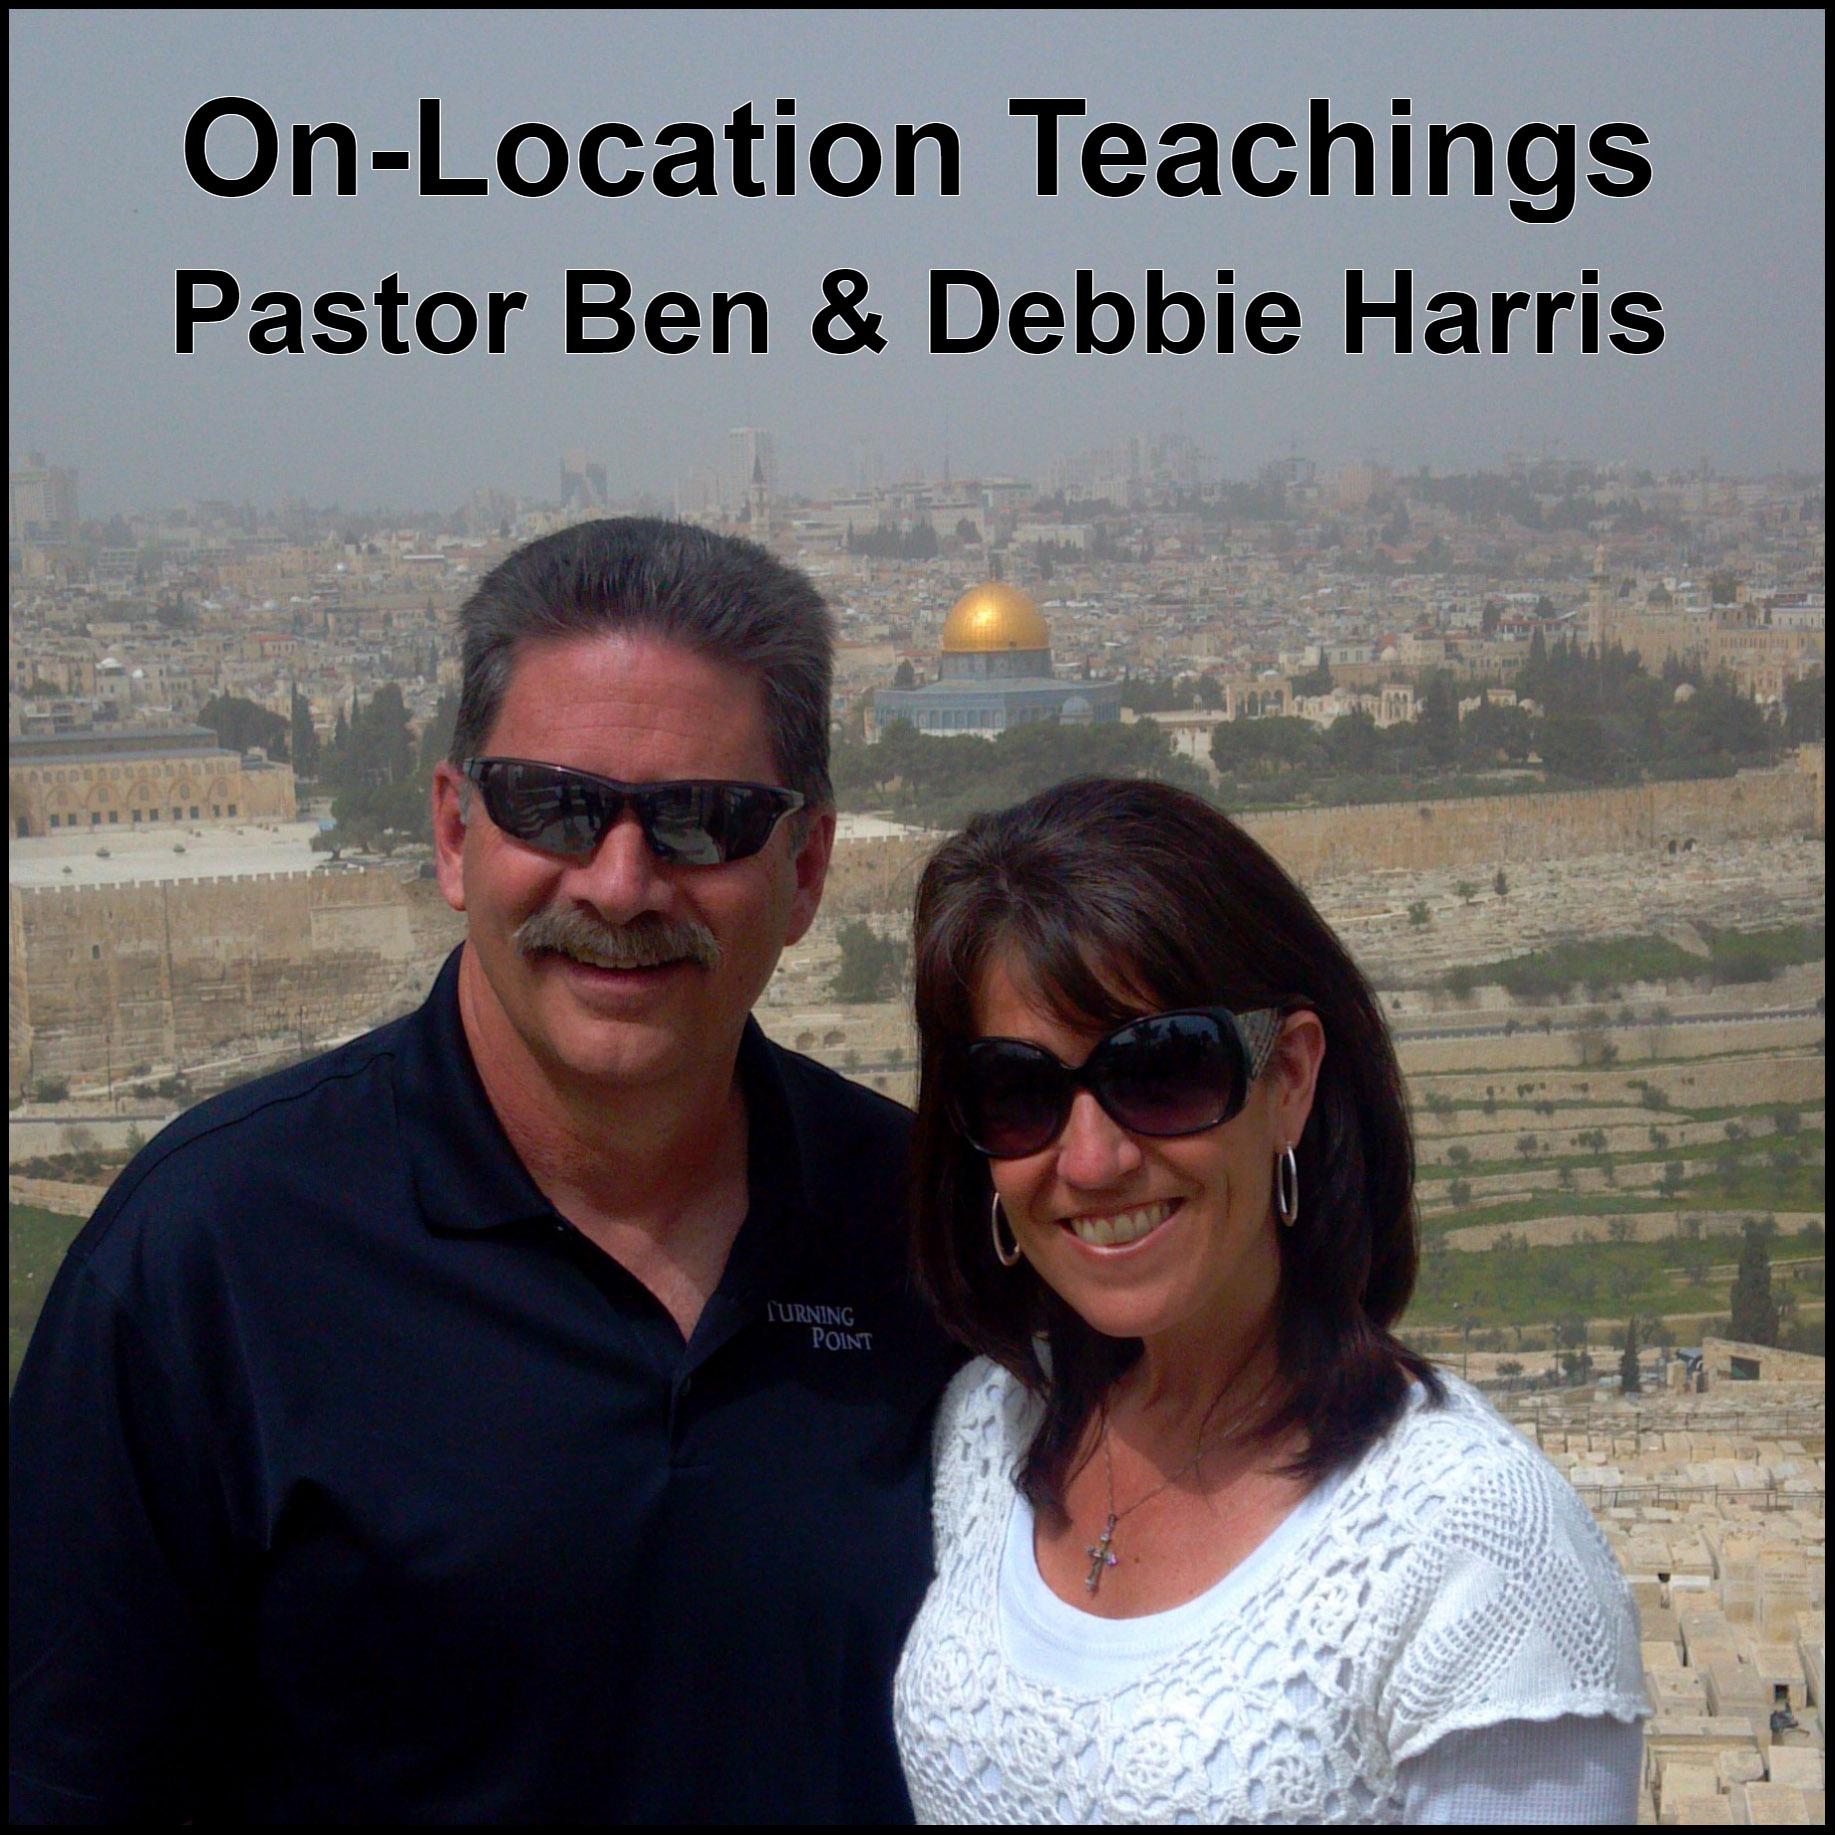 Paster Ben & Debbie Harris